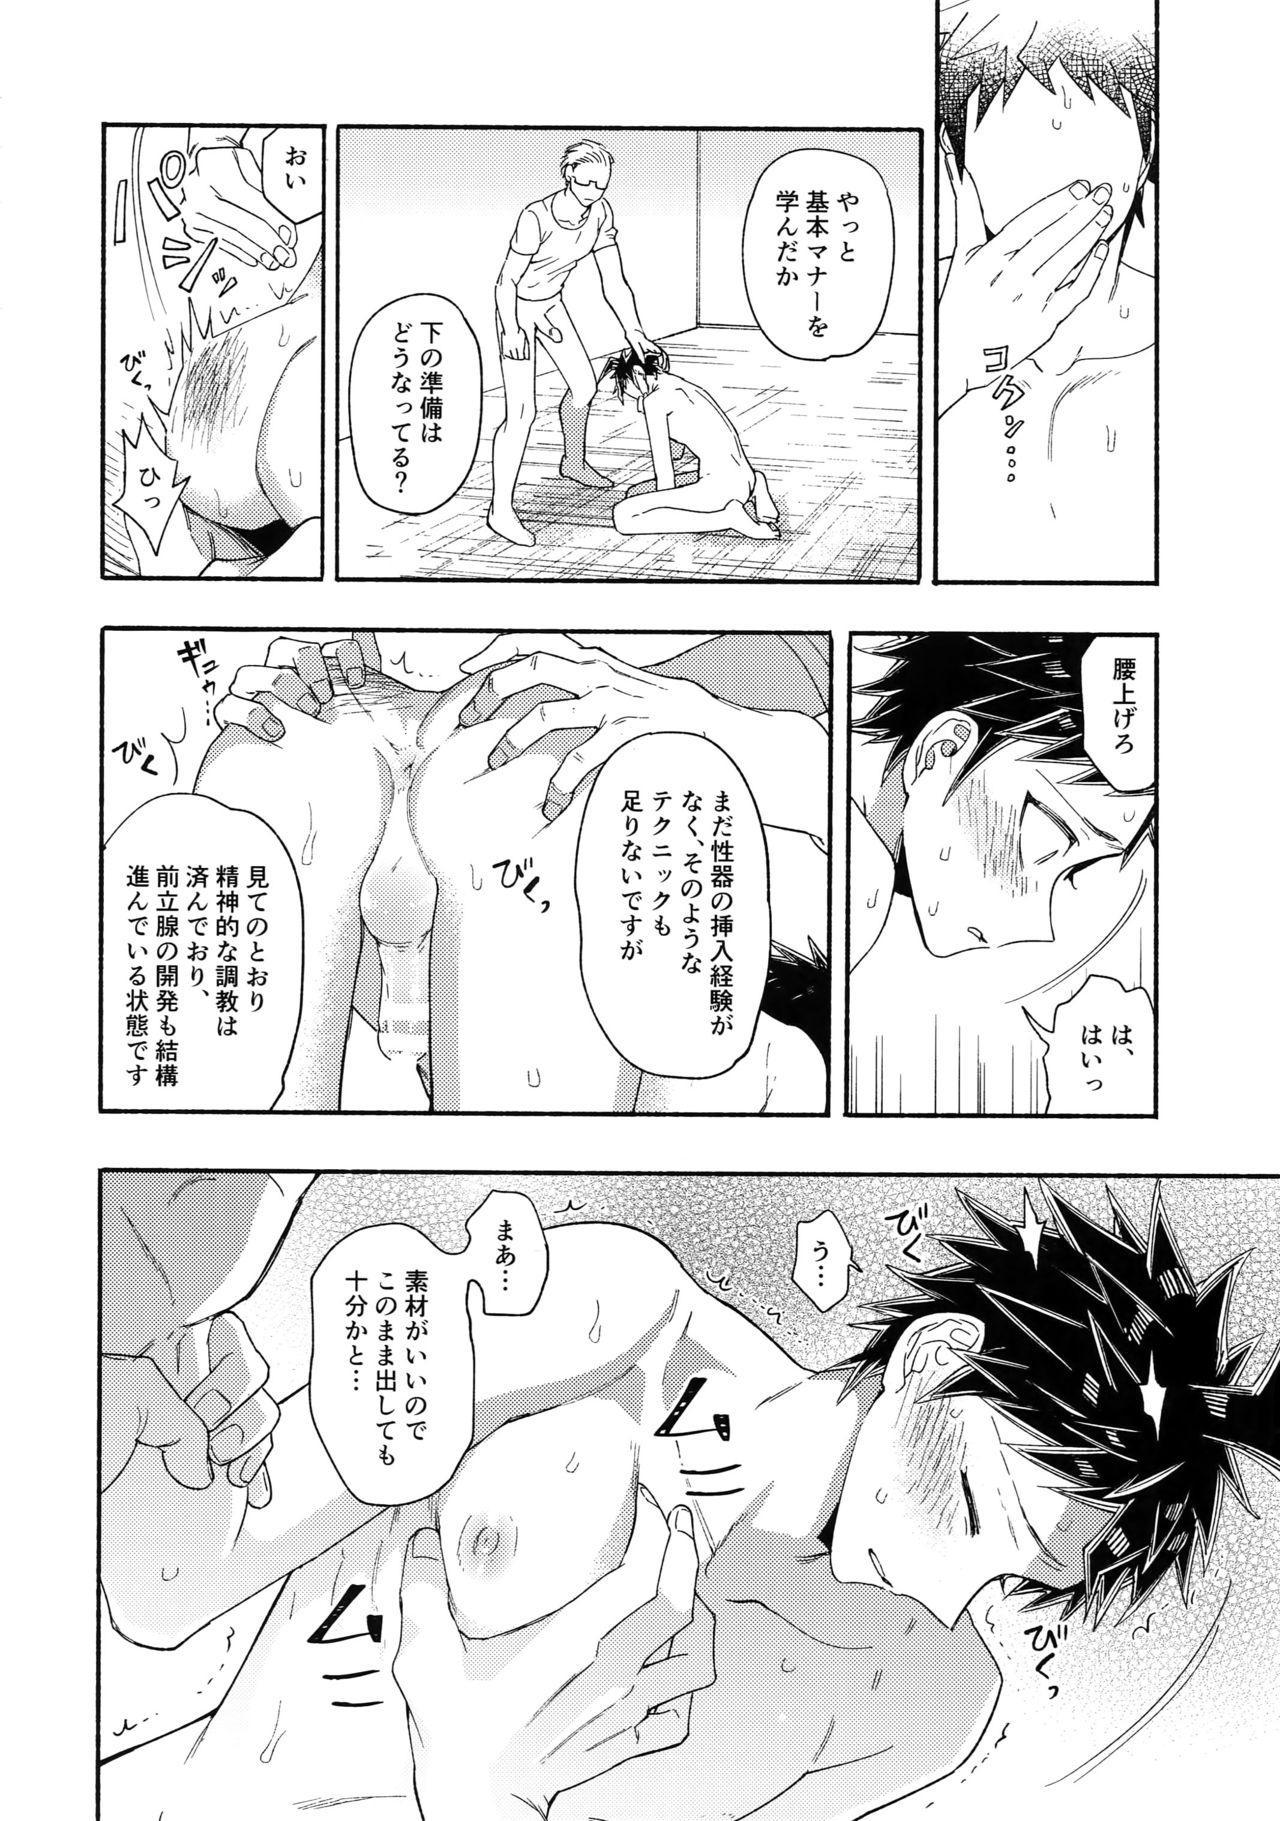 Aisareru Yobi Gakka 2